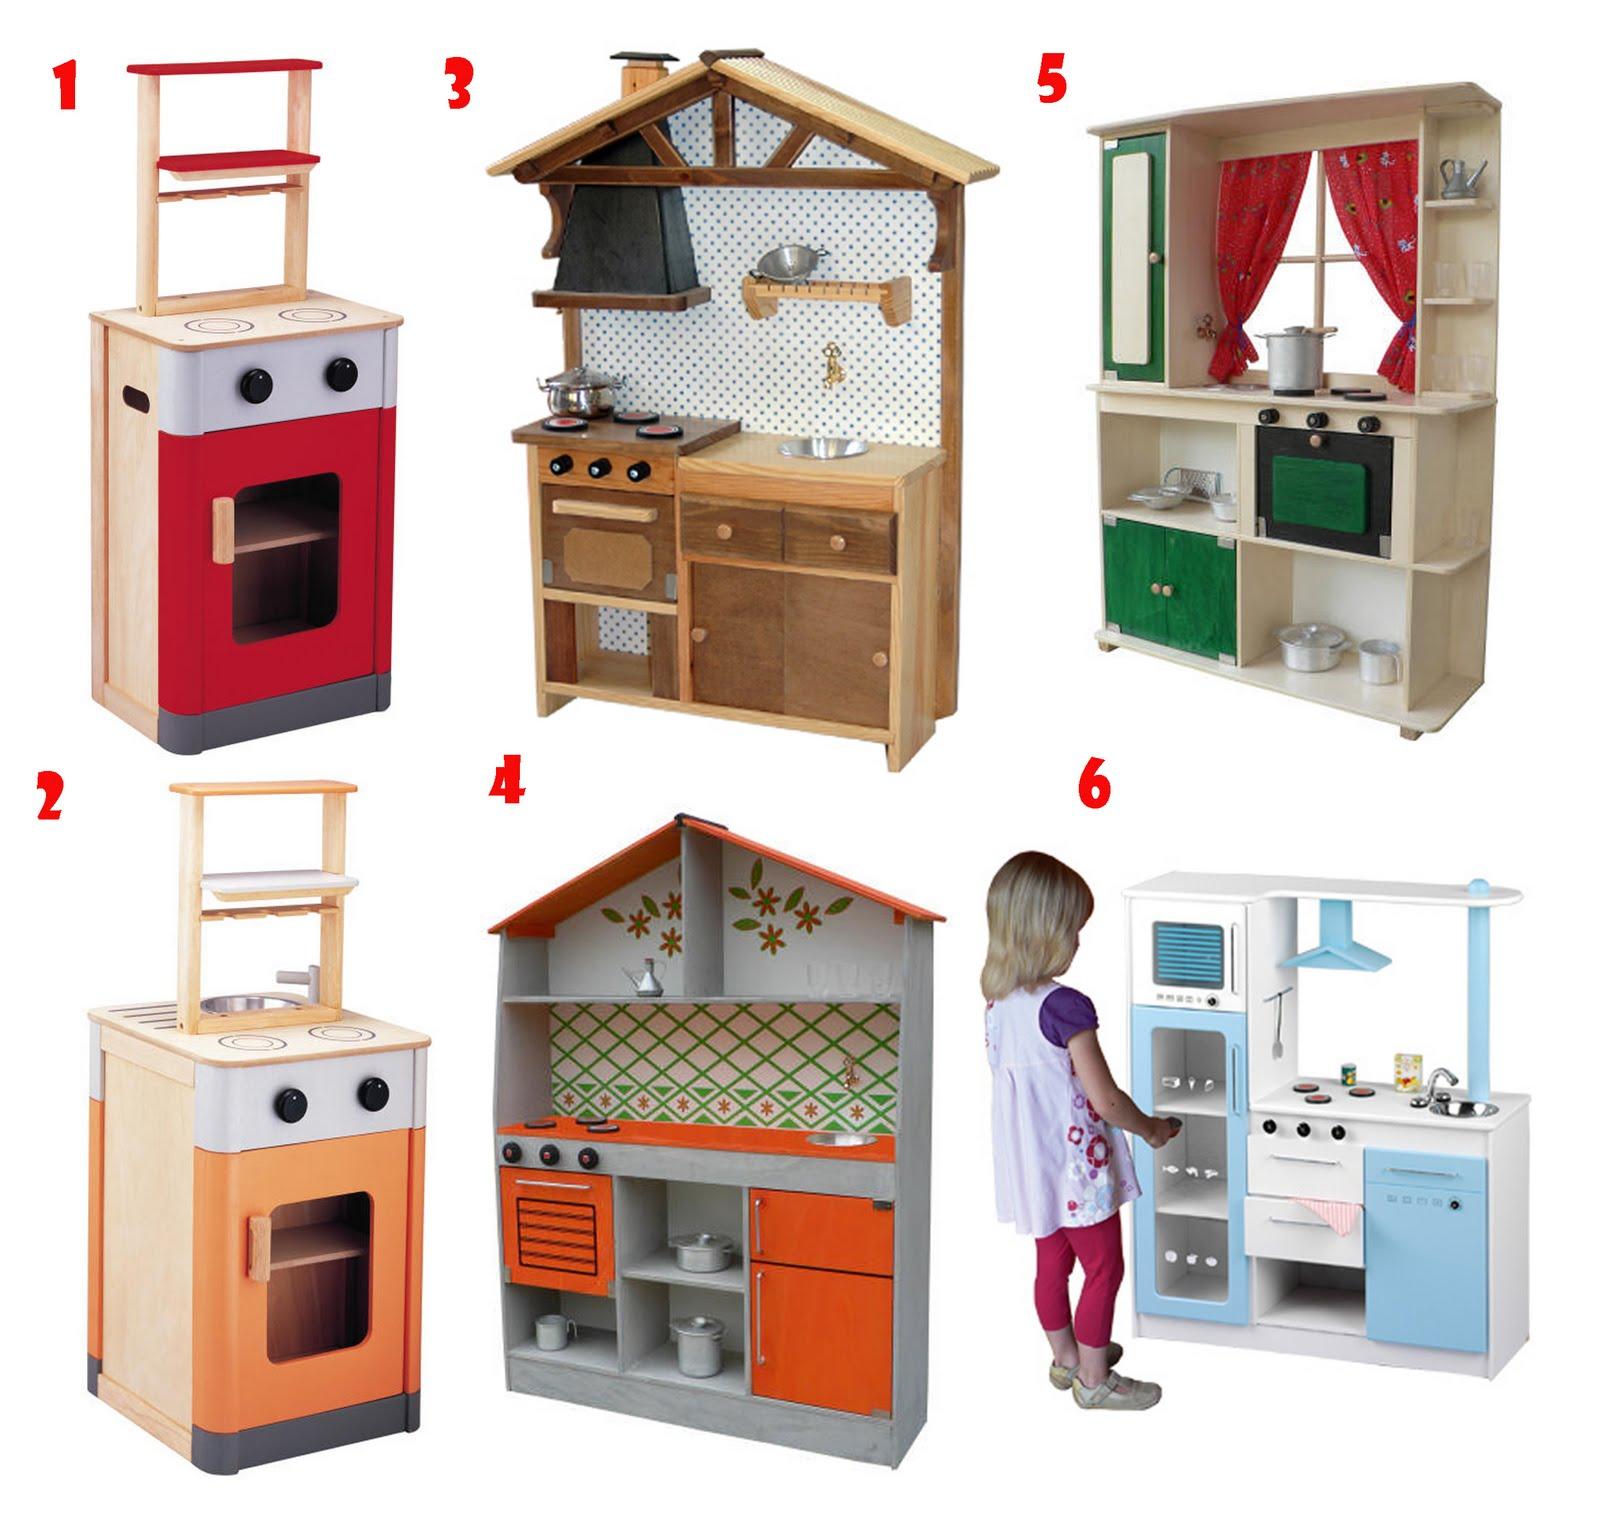 Cocinas de madera para los ni os - Cocinas de madera para ninos ikea ...